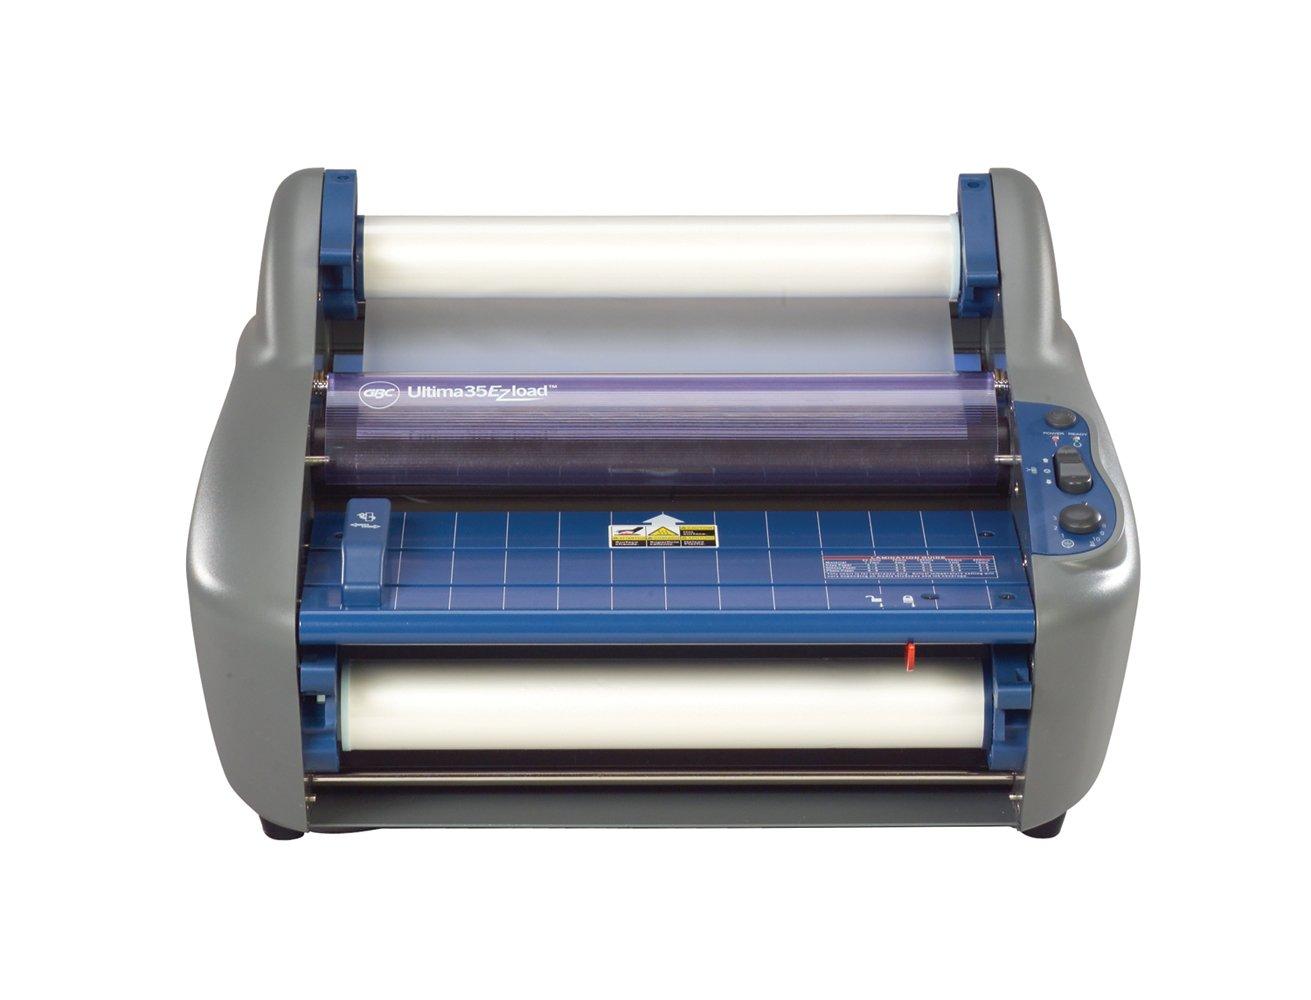 GBC Thermal Roll Laminator, Ultima 35 Ezload, 12'' Max. Width, 1 Min Warm-Up (1701680)